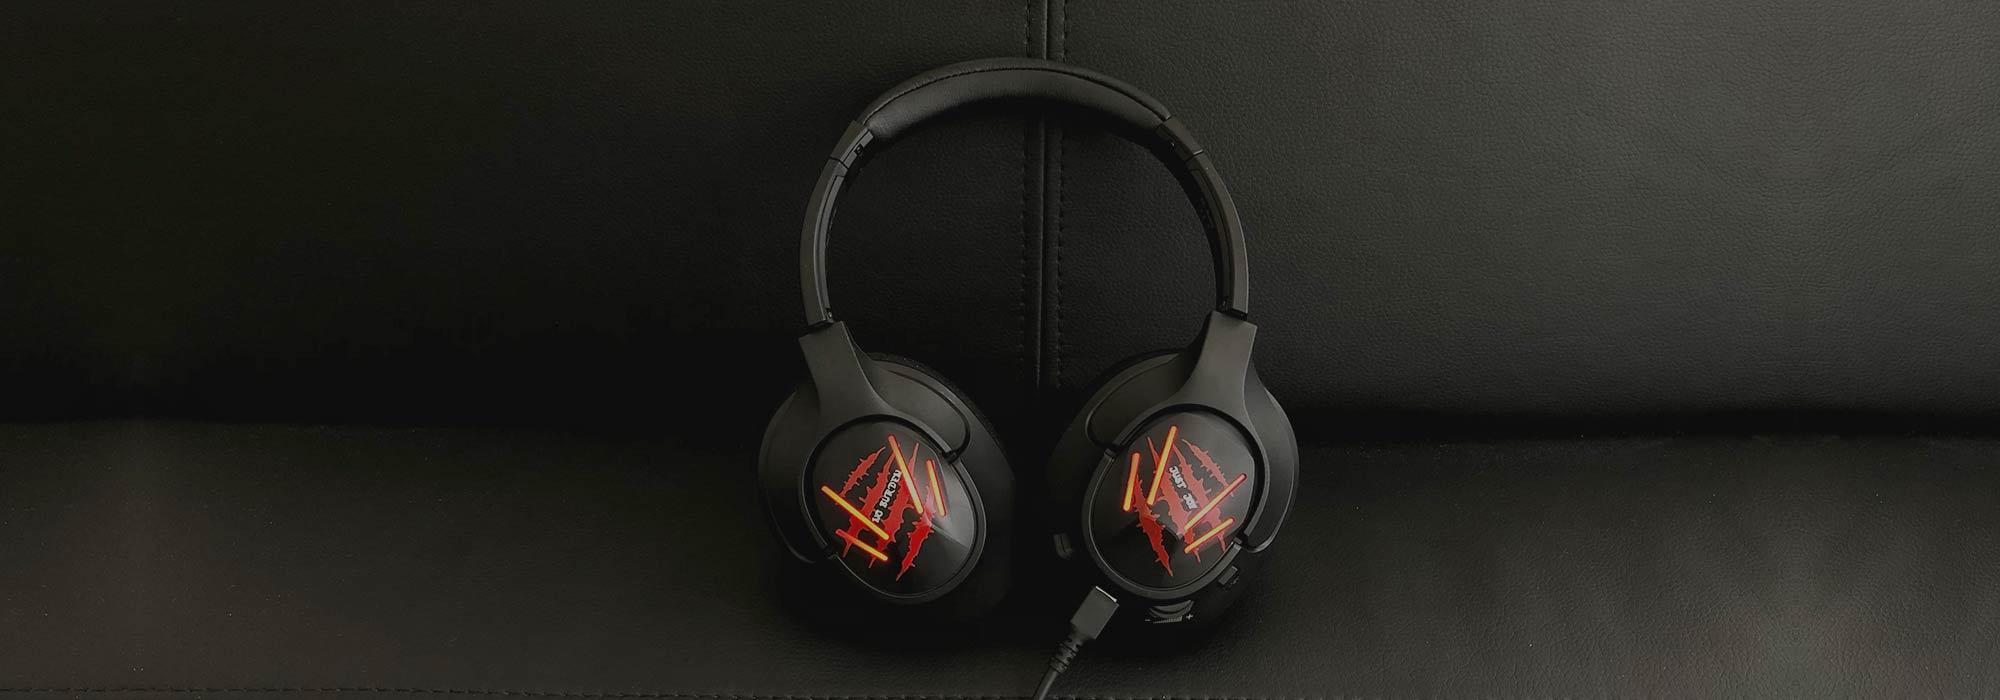 EKSA Air Joy Pro 7.1 Gaming-Headset im Test